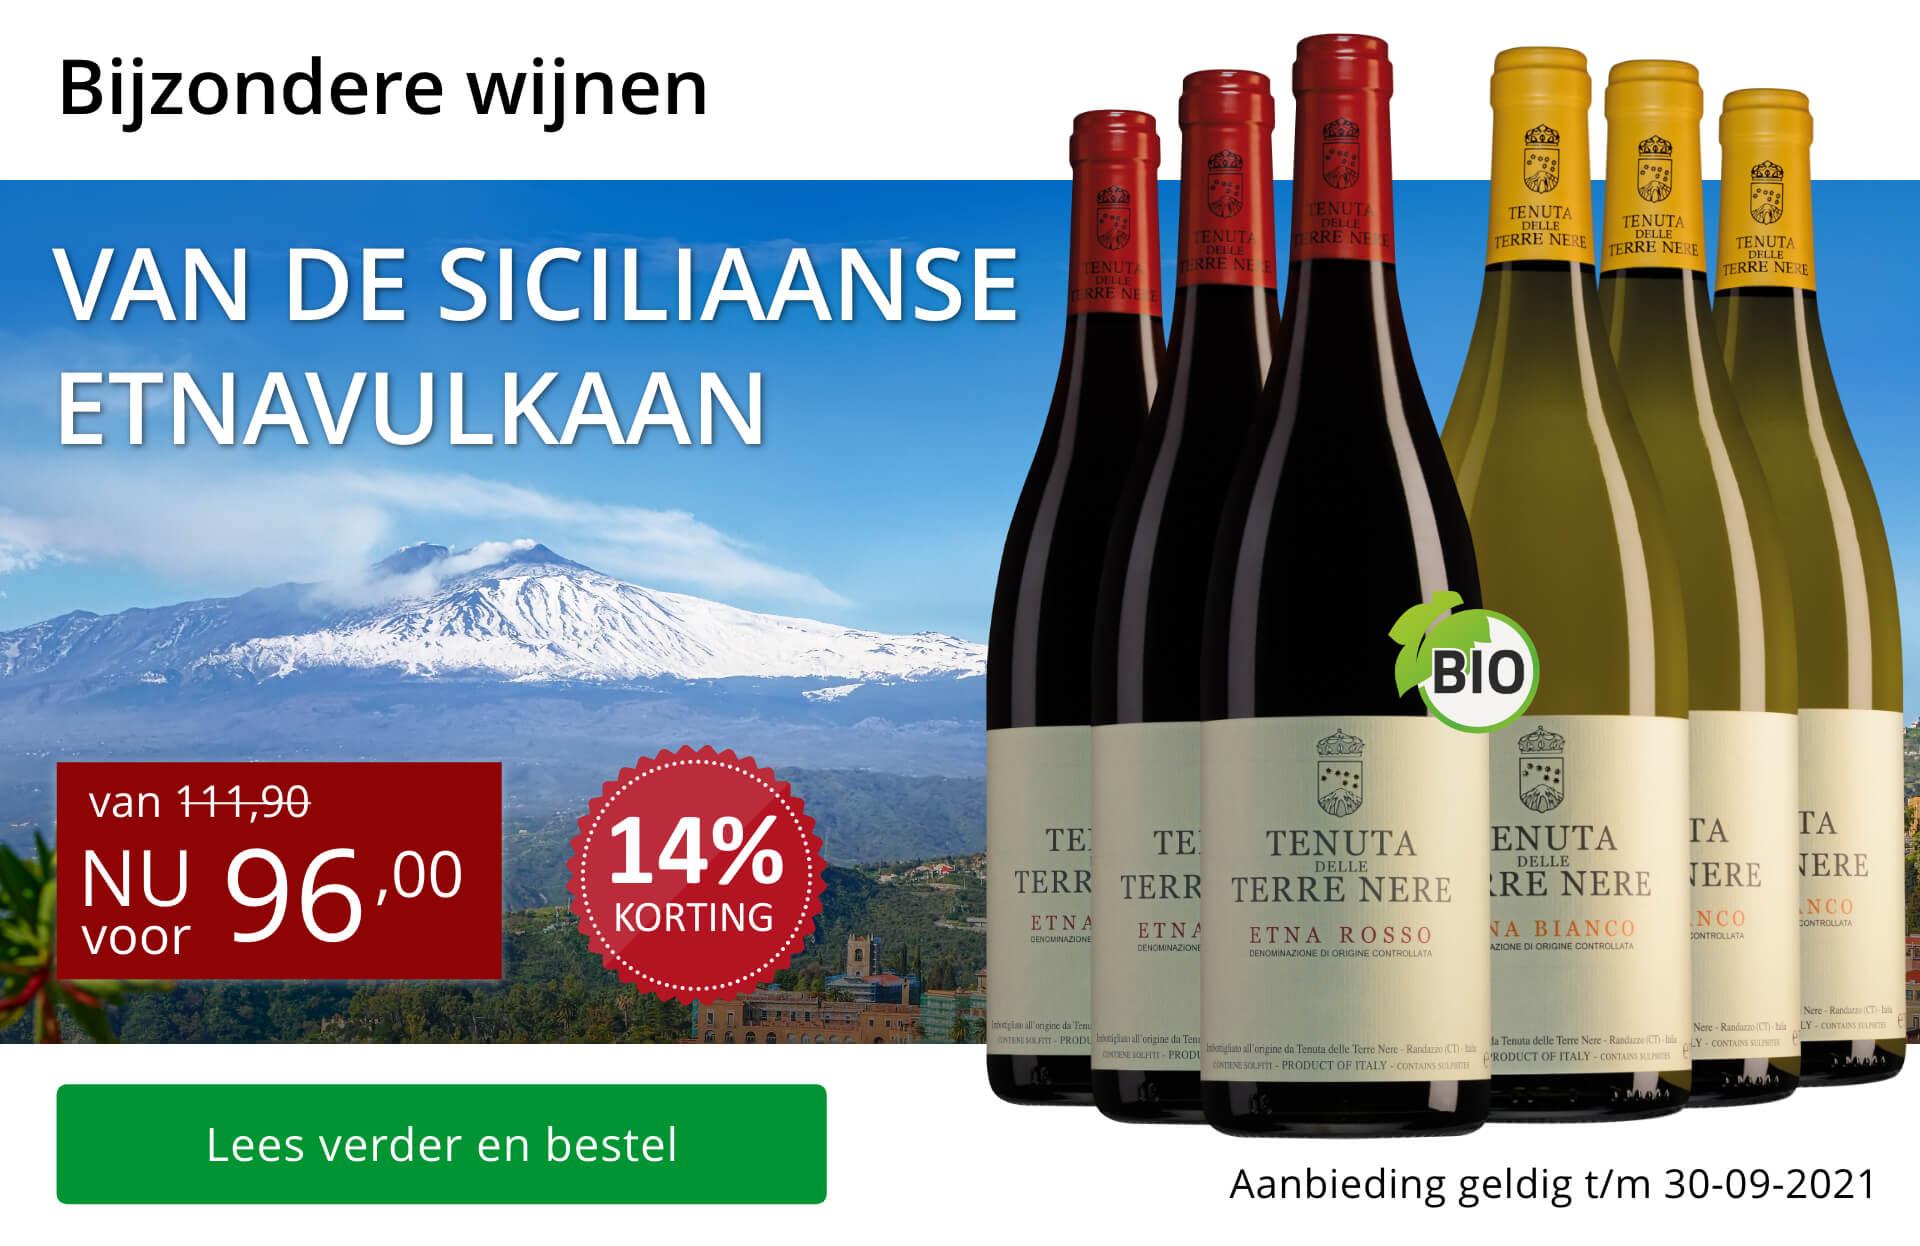 Wijnpakket bijzondere wijnen september 2021-rood